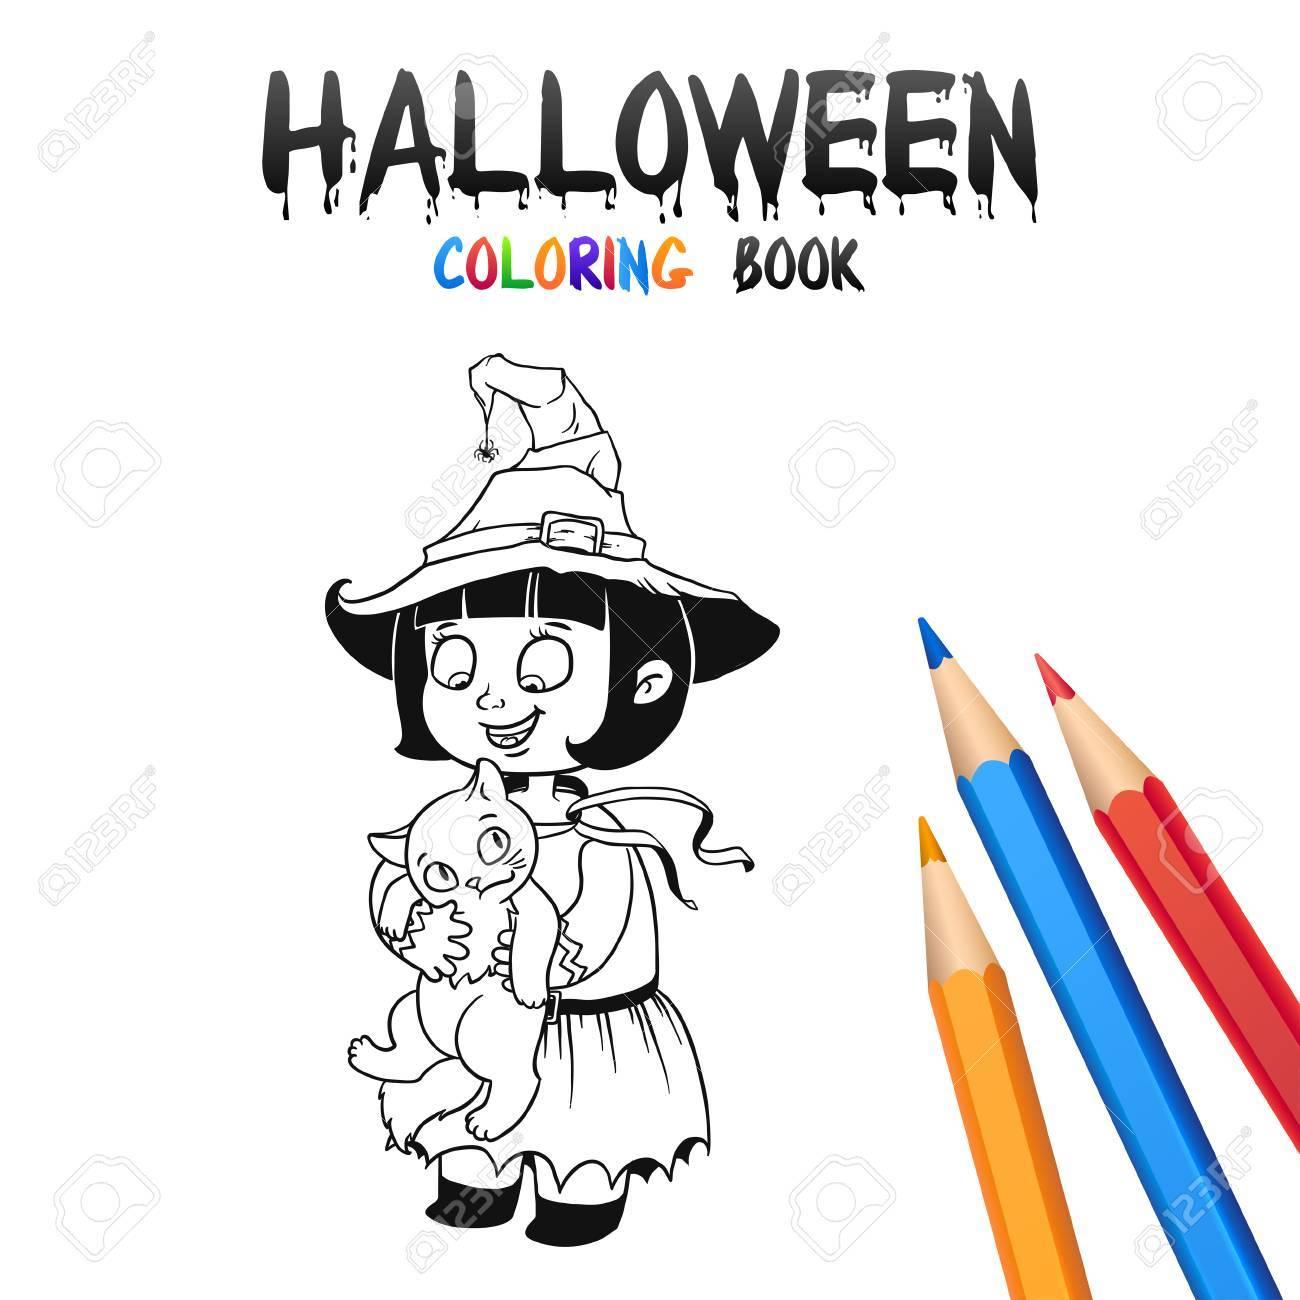 Petite Sorcière Dans Le Chapeau Halloween Livre à Colorier Illustration Pour Enfants Vecteur Personnage De Dessin Animé Isolé Sur Fond Blanc